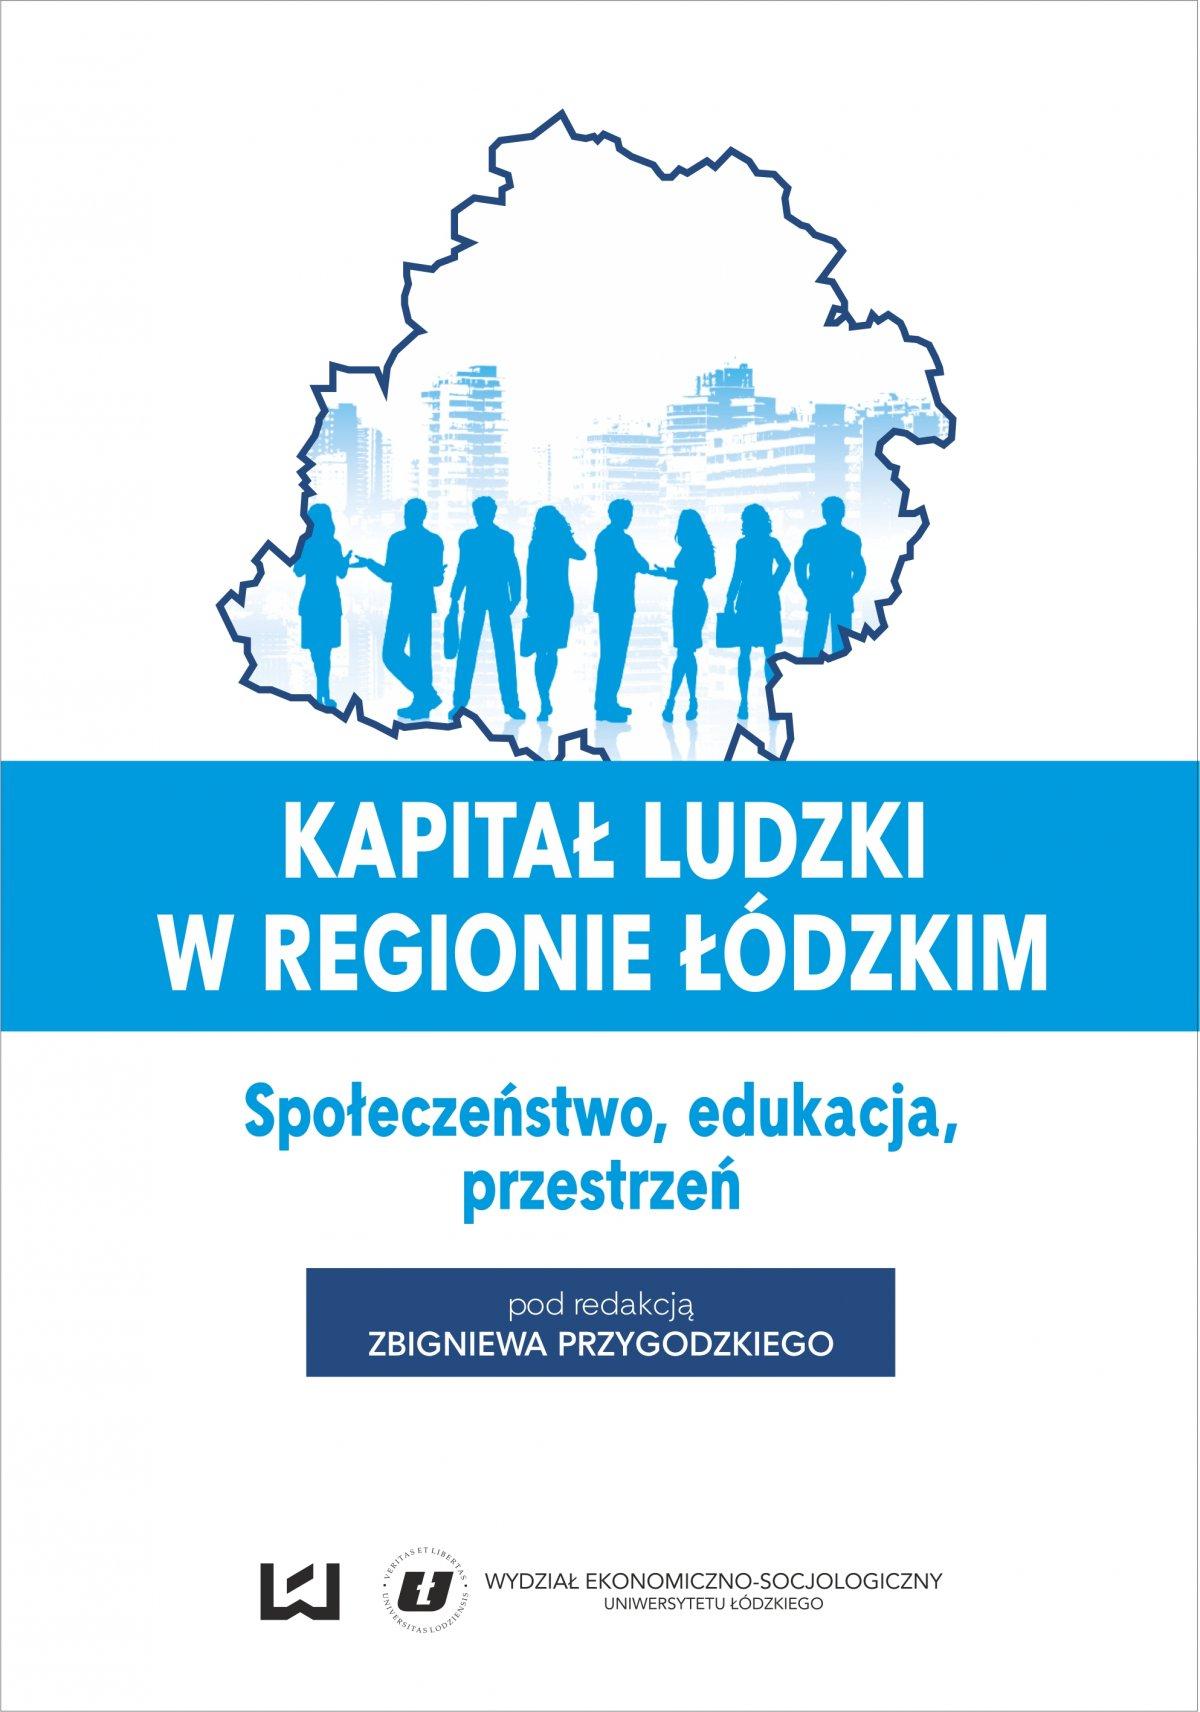 Kapitał ludzki w regionie łódzkim. Społeczeństwo, edukacja, przestrzeń - Ebook (Książka PDF) do pobrania w formacie PDF